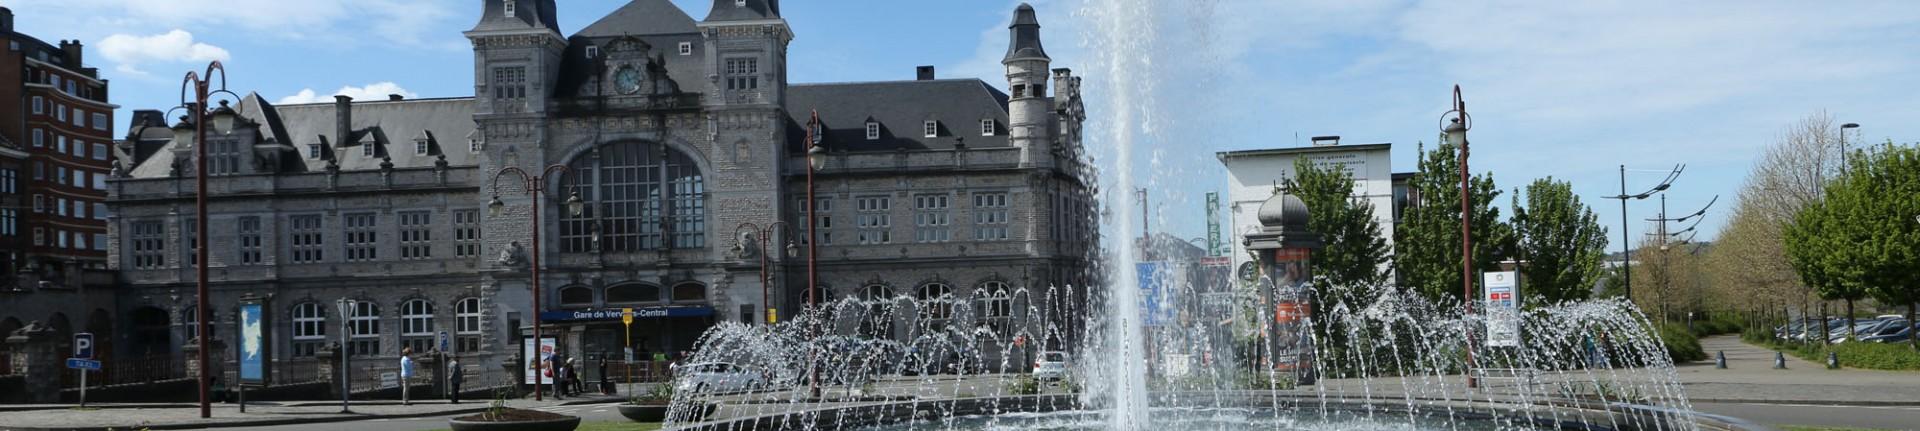 Verviers - Un glorieux passé industriel